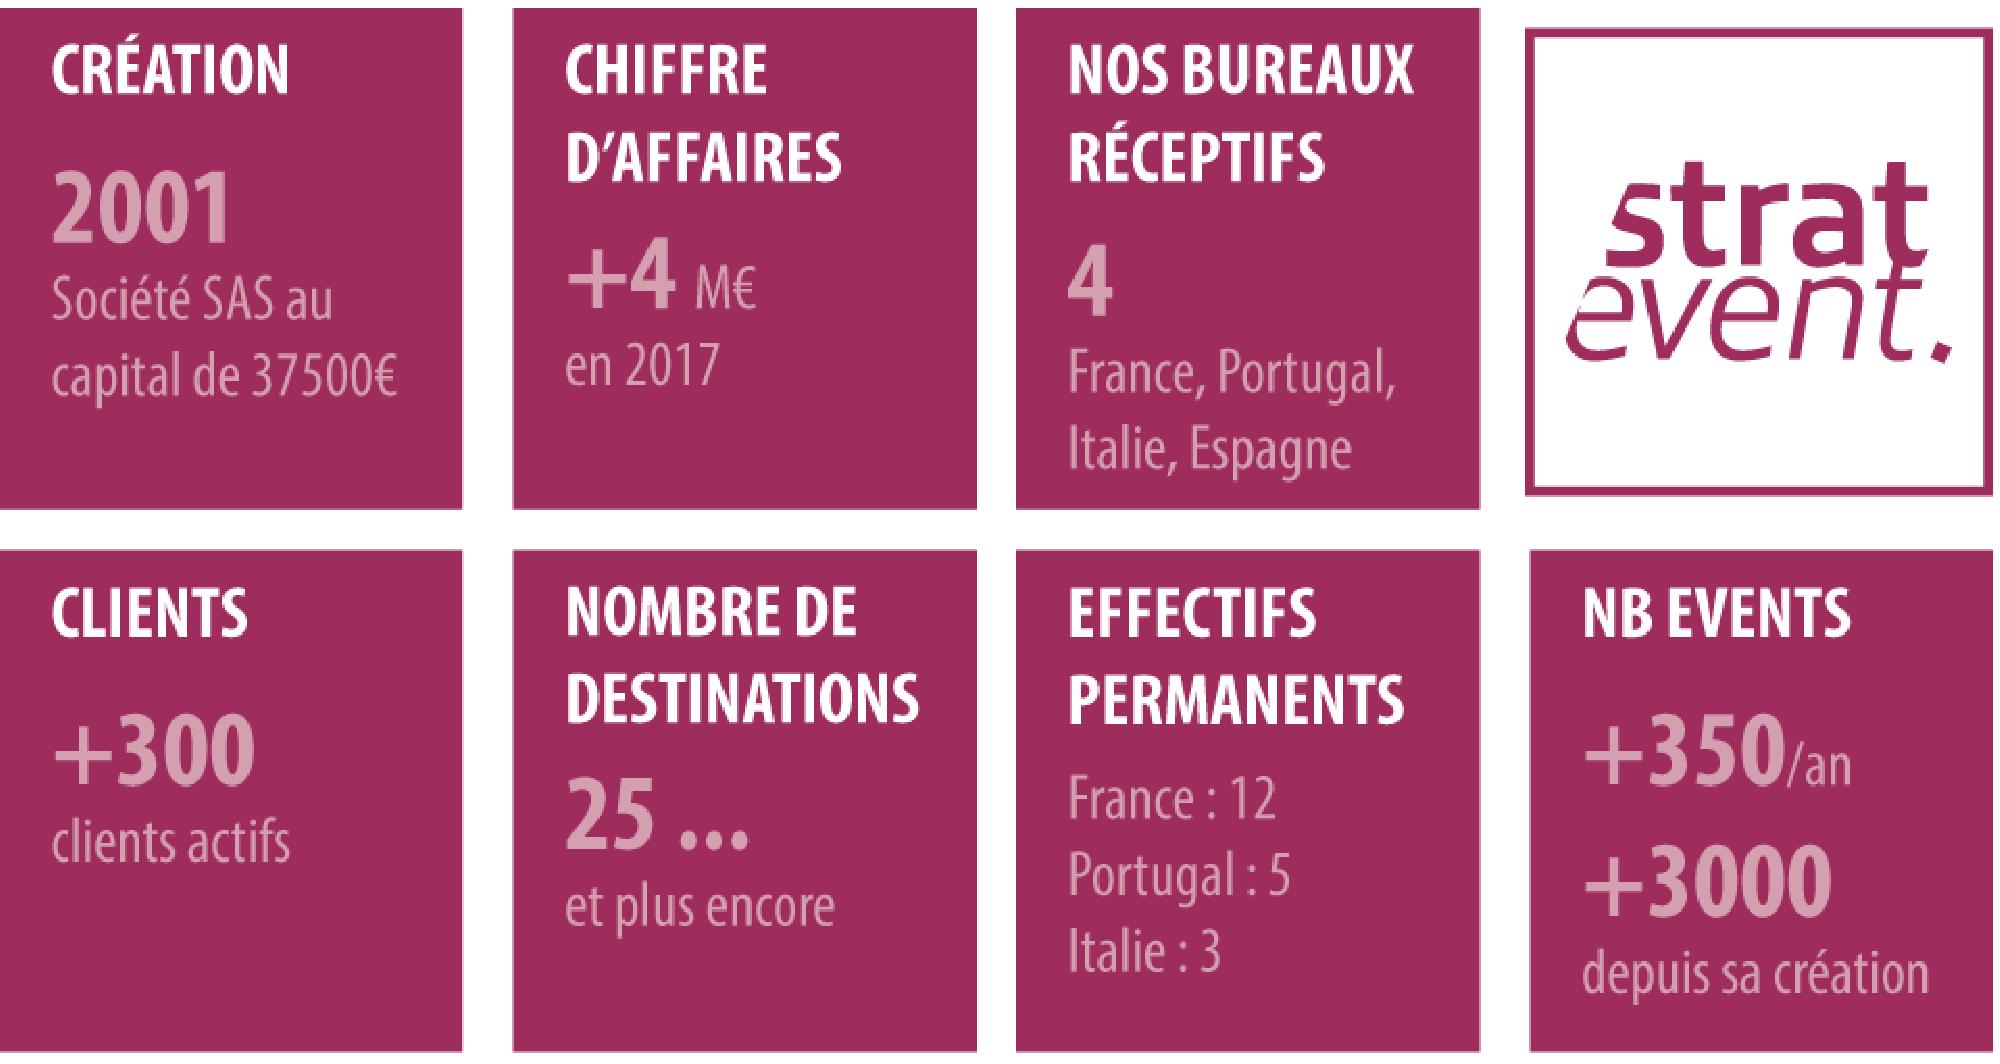 AGENCE ÉVÉNEMENTIELLE  SPÉCIALISÉE DANS LA PRODUCTION D'ÉVÉNEMENTS POUR LES ENTREPRISES EN FRANCE ET À L'ÉTRANGER.